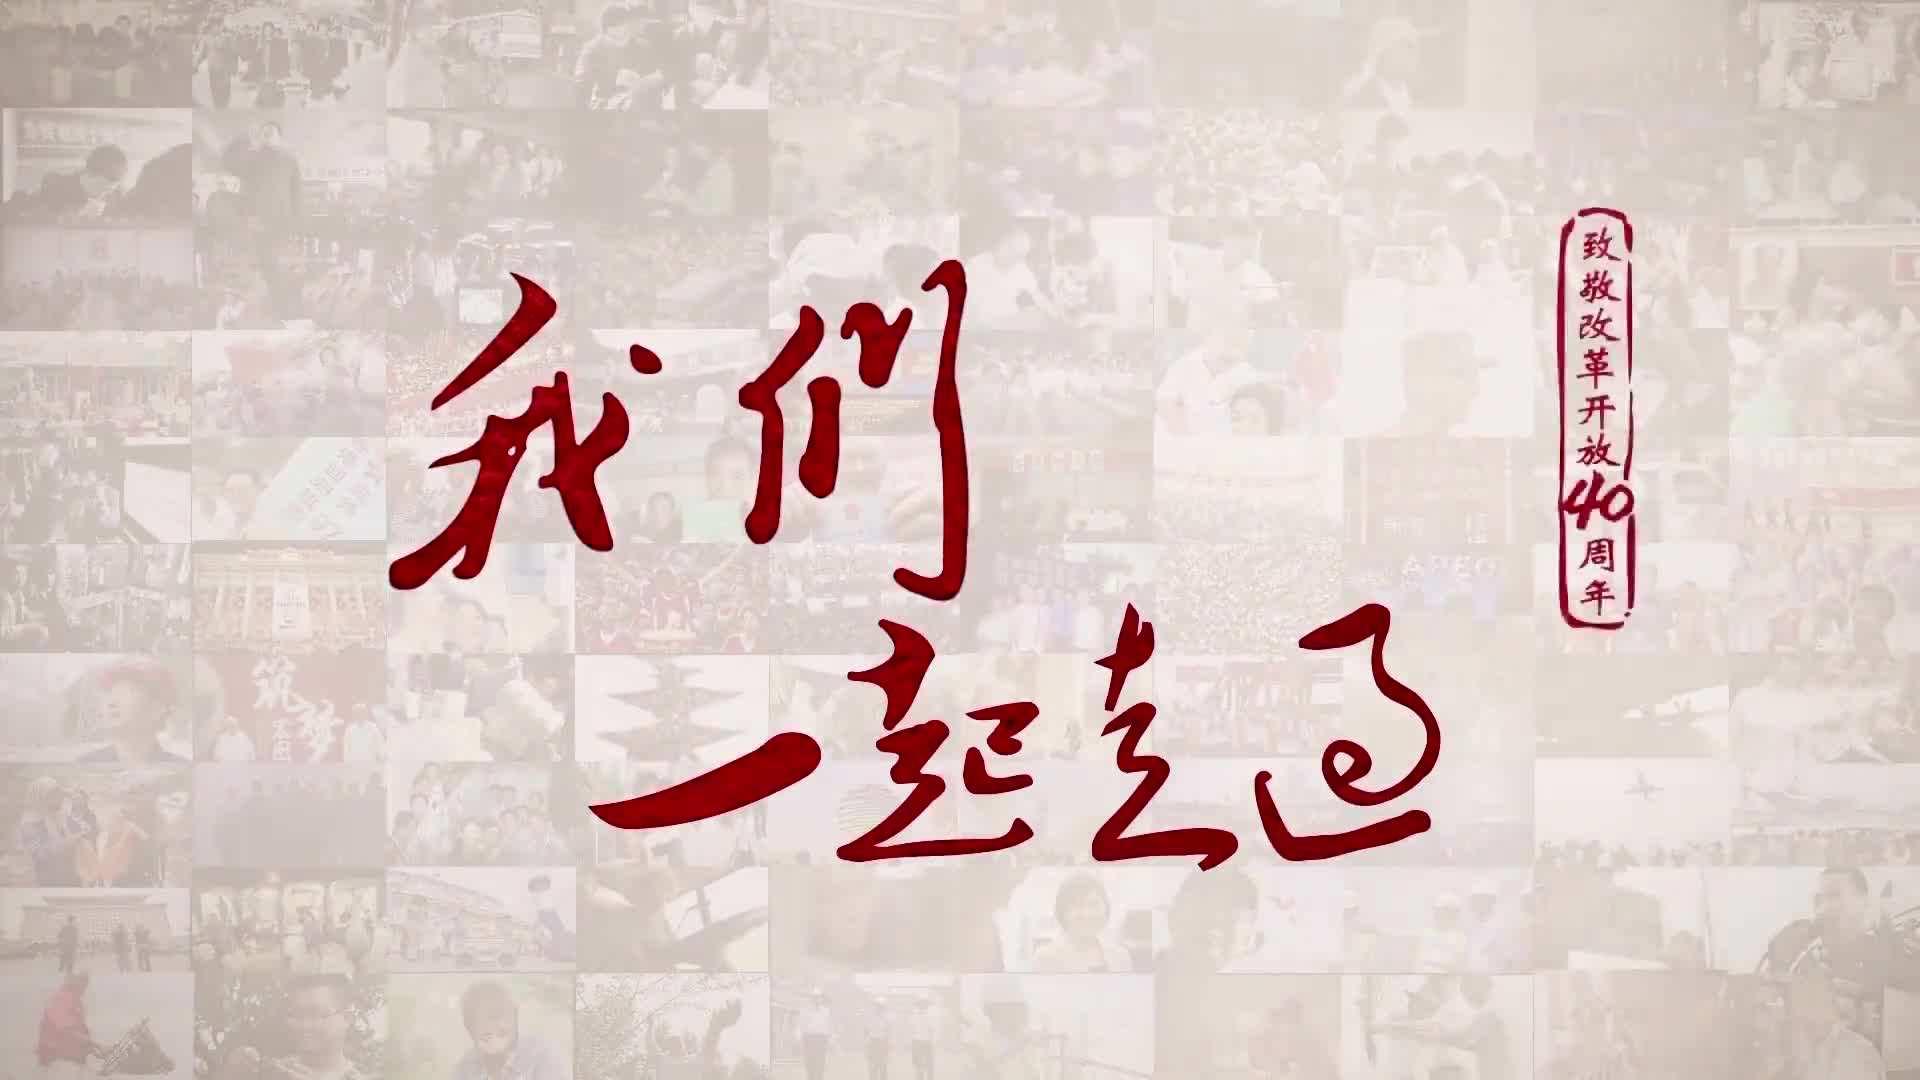 4分钟速览:大型电视纪录片《我们一起走过》第三集、第四集